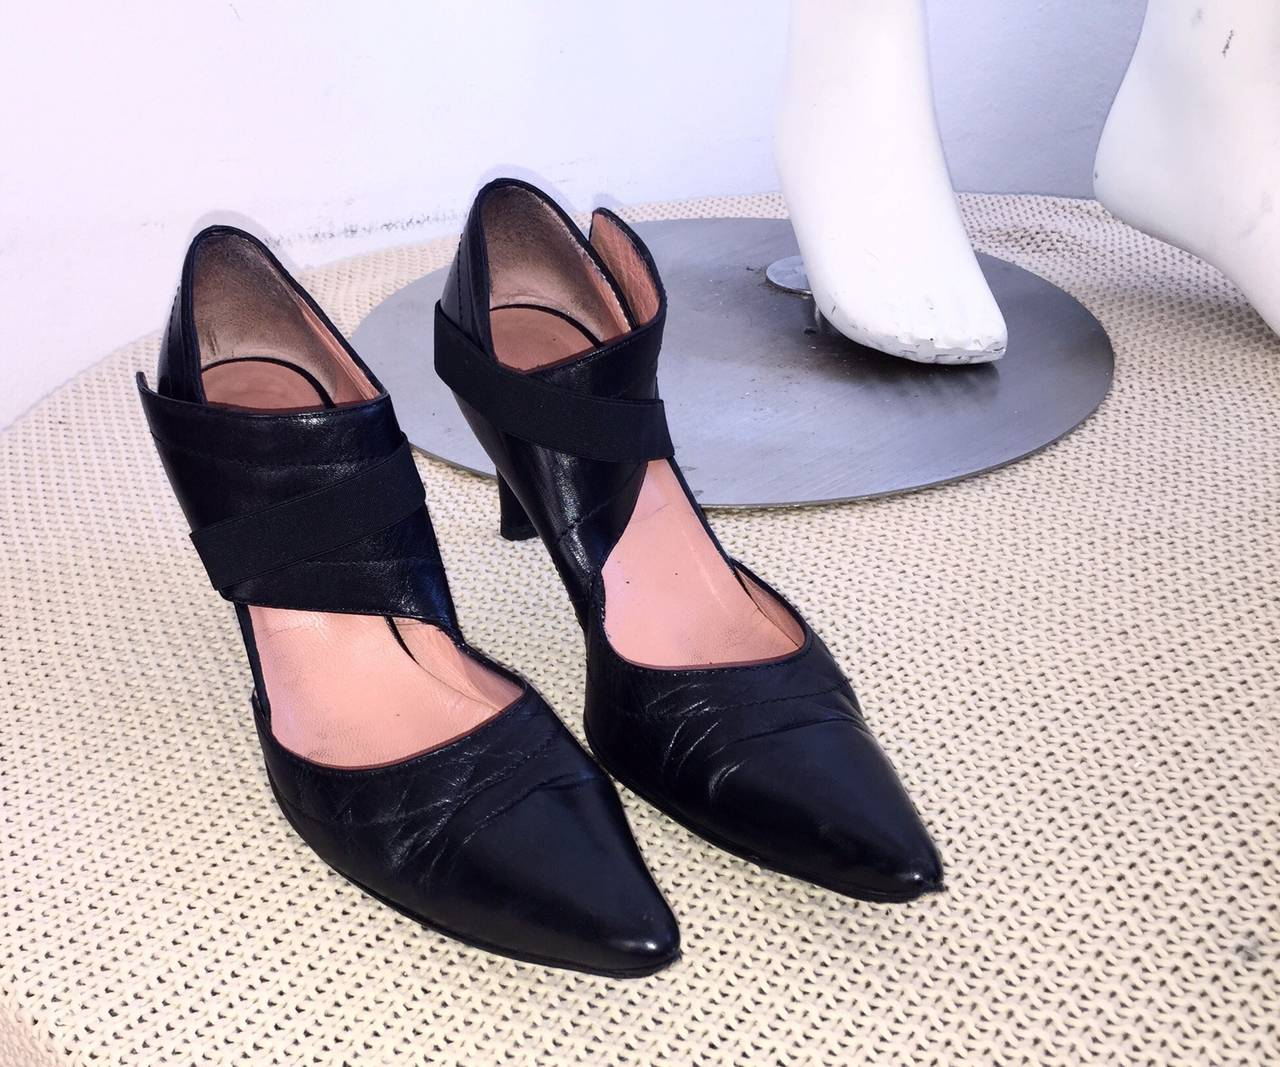 Rare Dirk Bikkembergs Black Leather Runway ' Bondage ' Loop Heels Size 38 8 For Sale 2